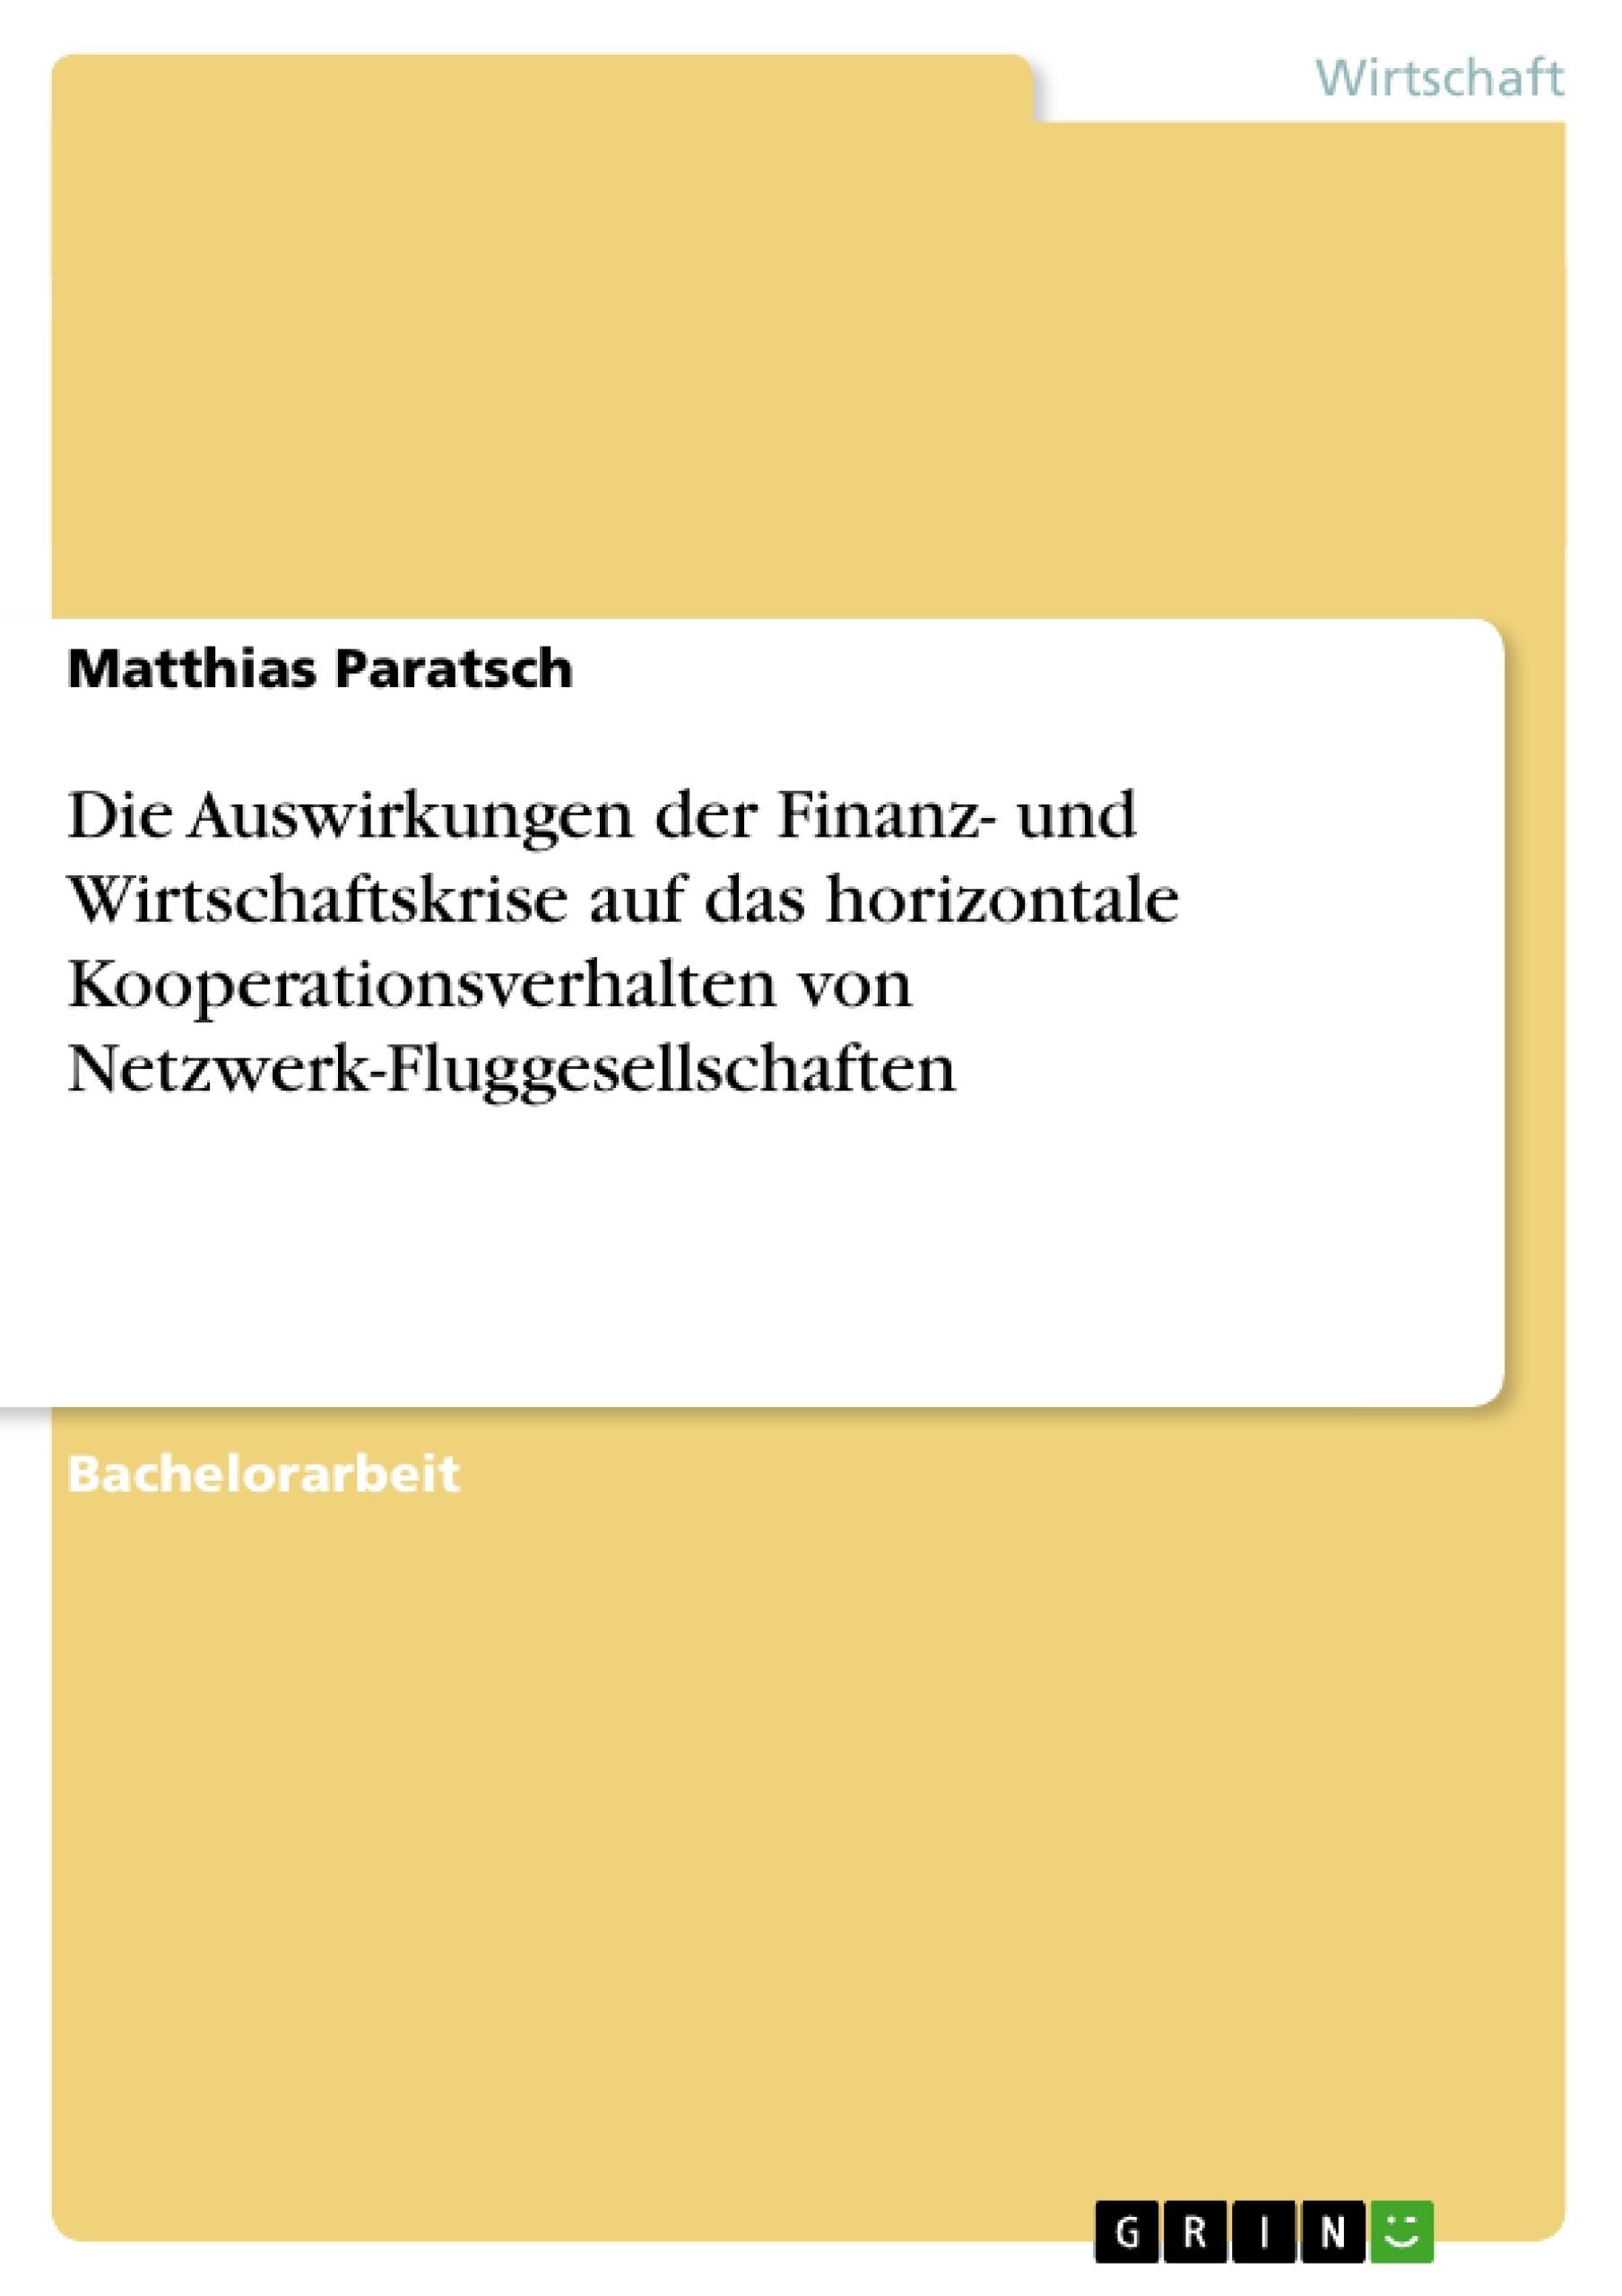 Titel: Die Auswirkungen der Finanz- und Wirtschaftskrise auf das horizontale Kooperationsverhalten von Netzwerk-Fluggesellschaften